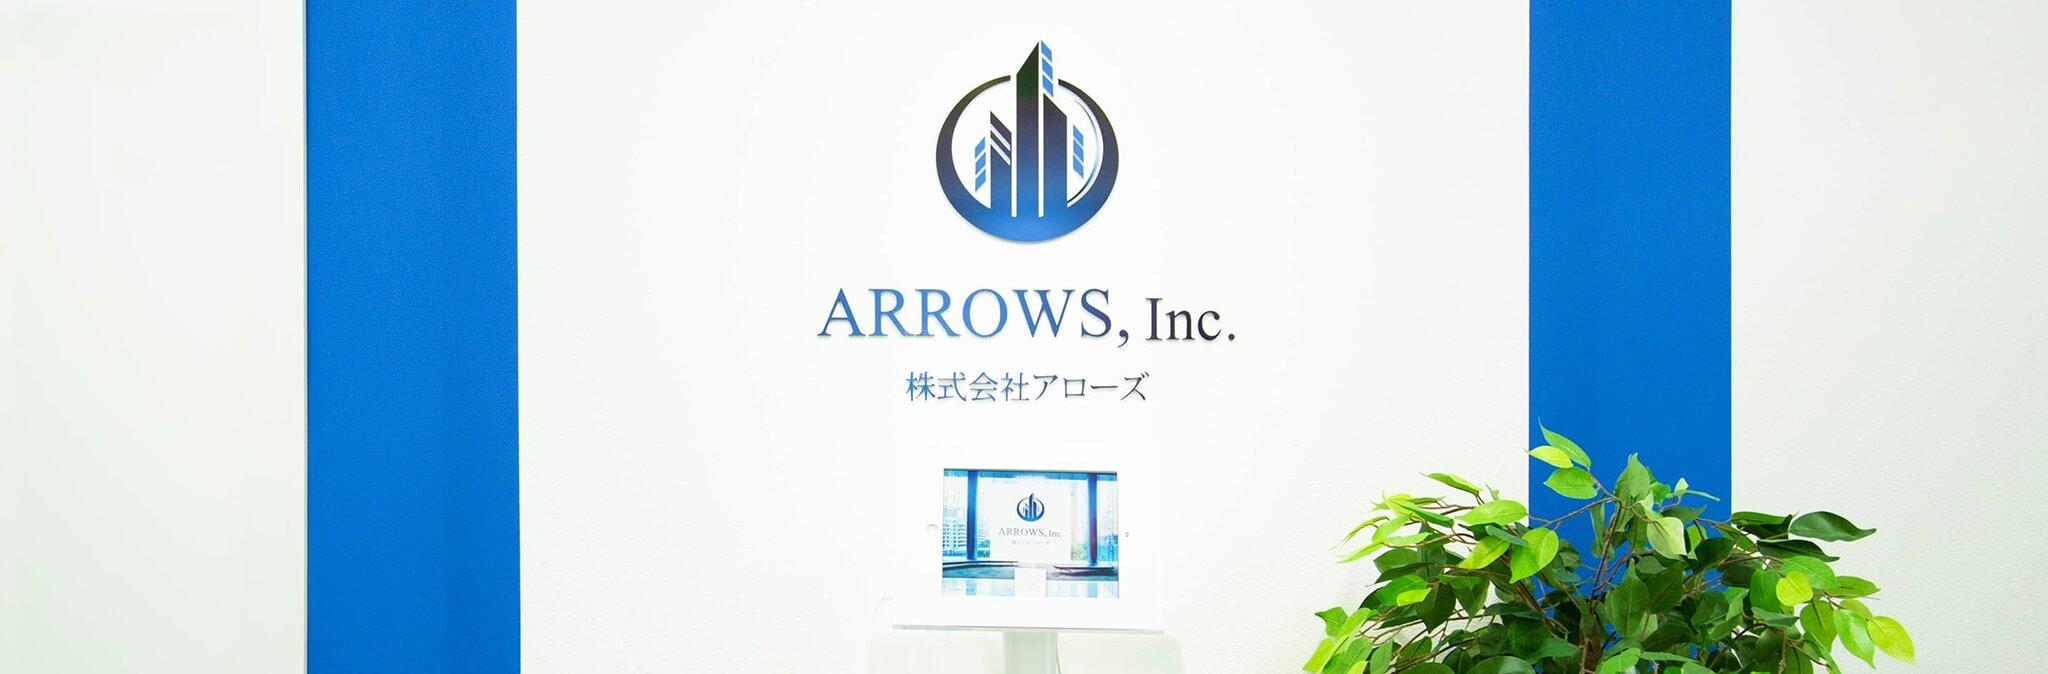 arrows-stuff